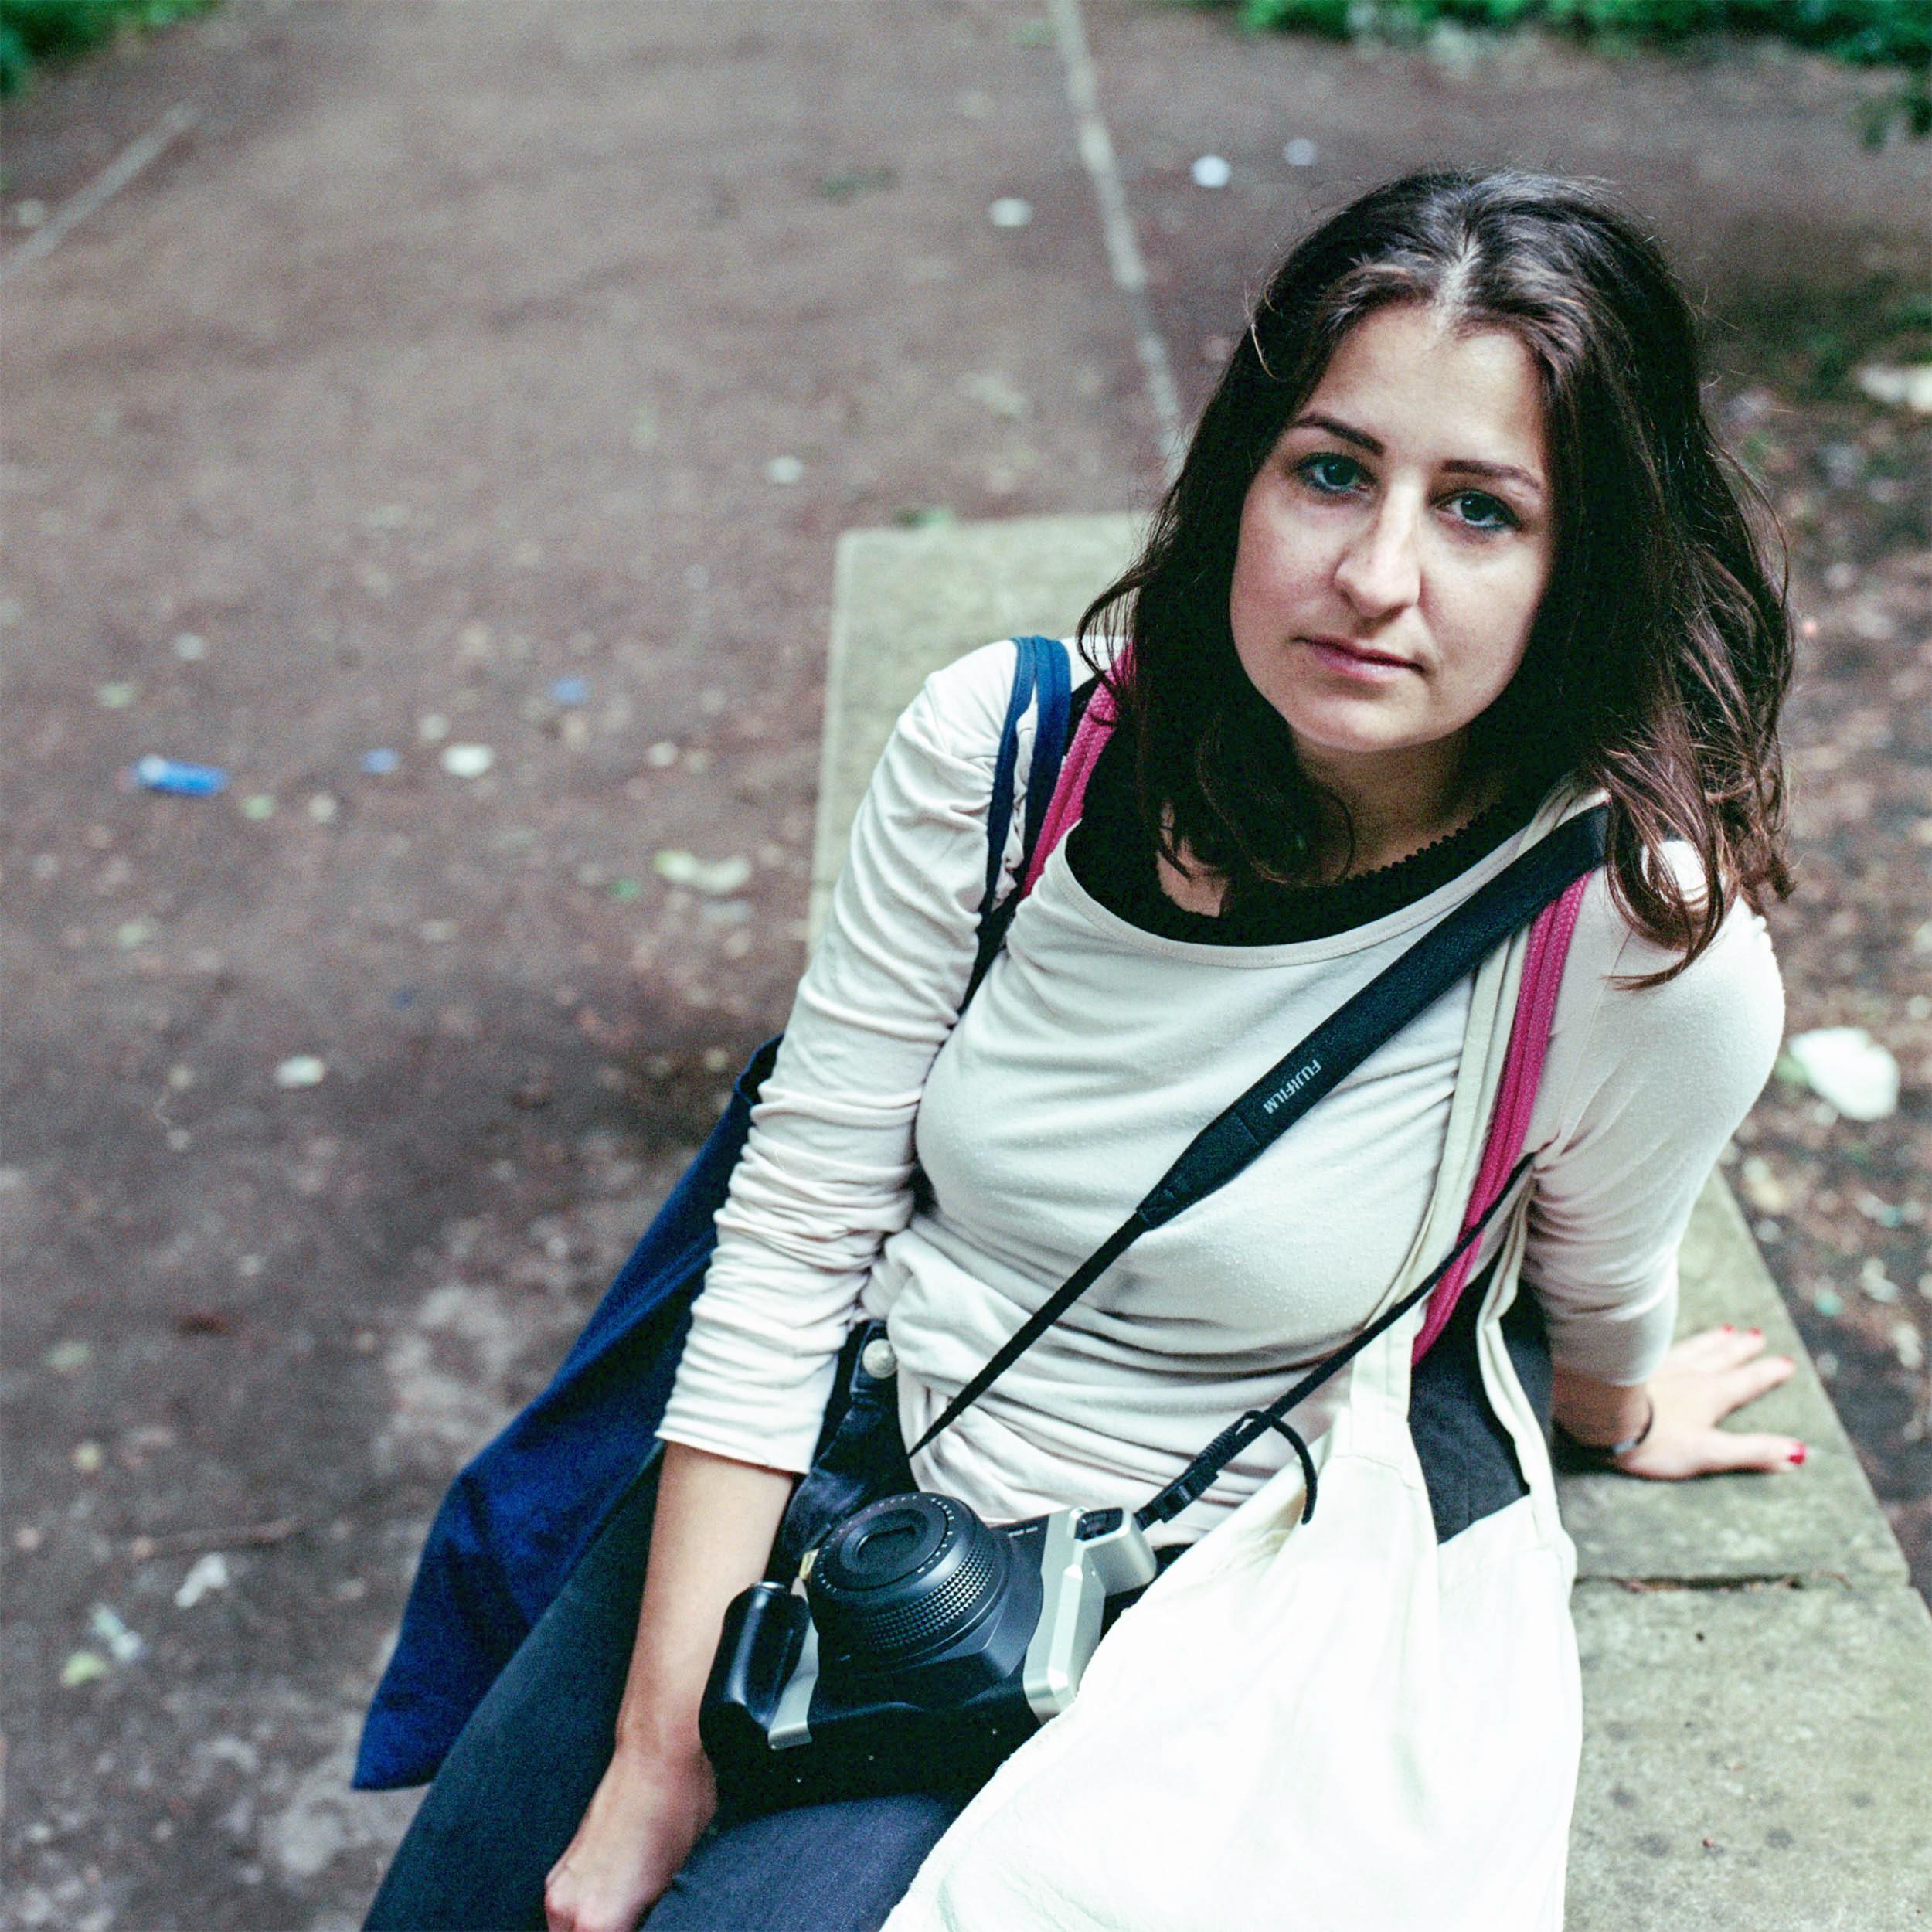 Charlotte Schmitz